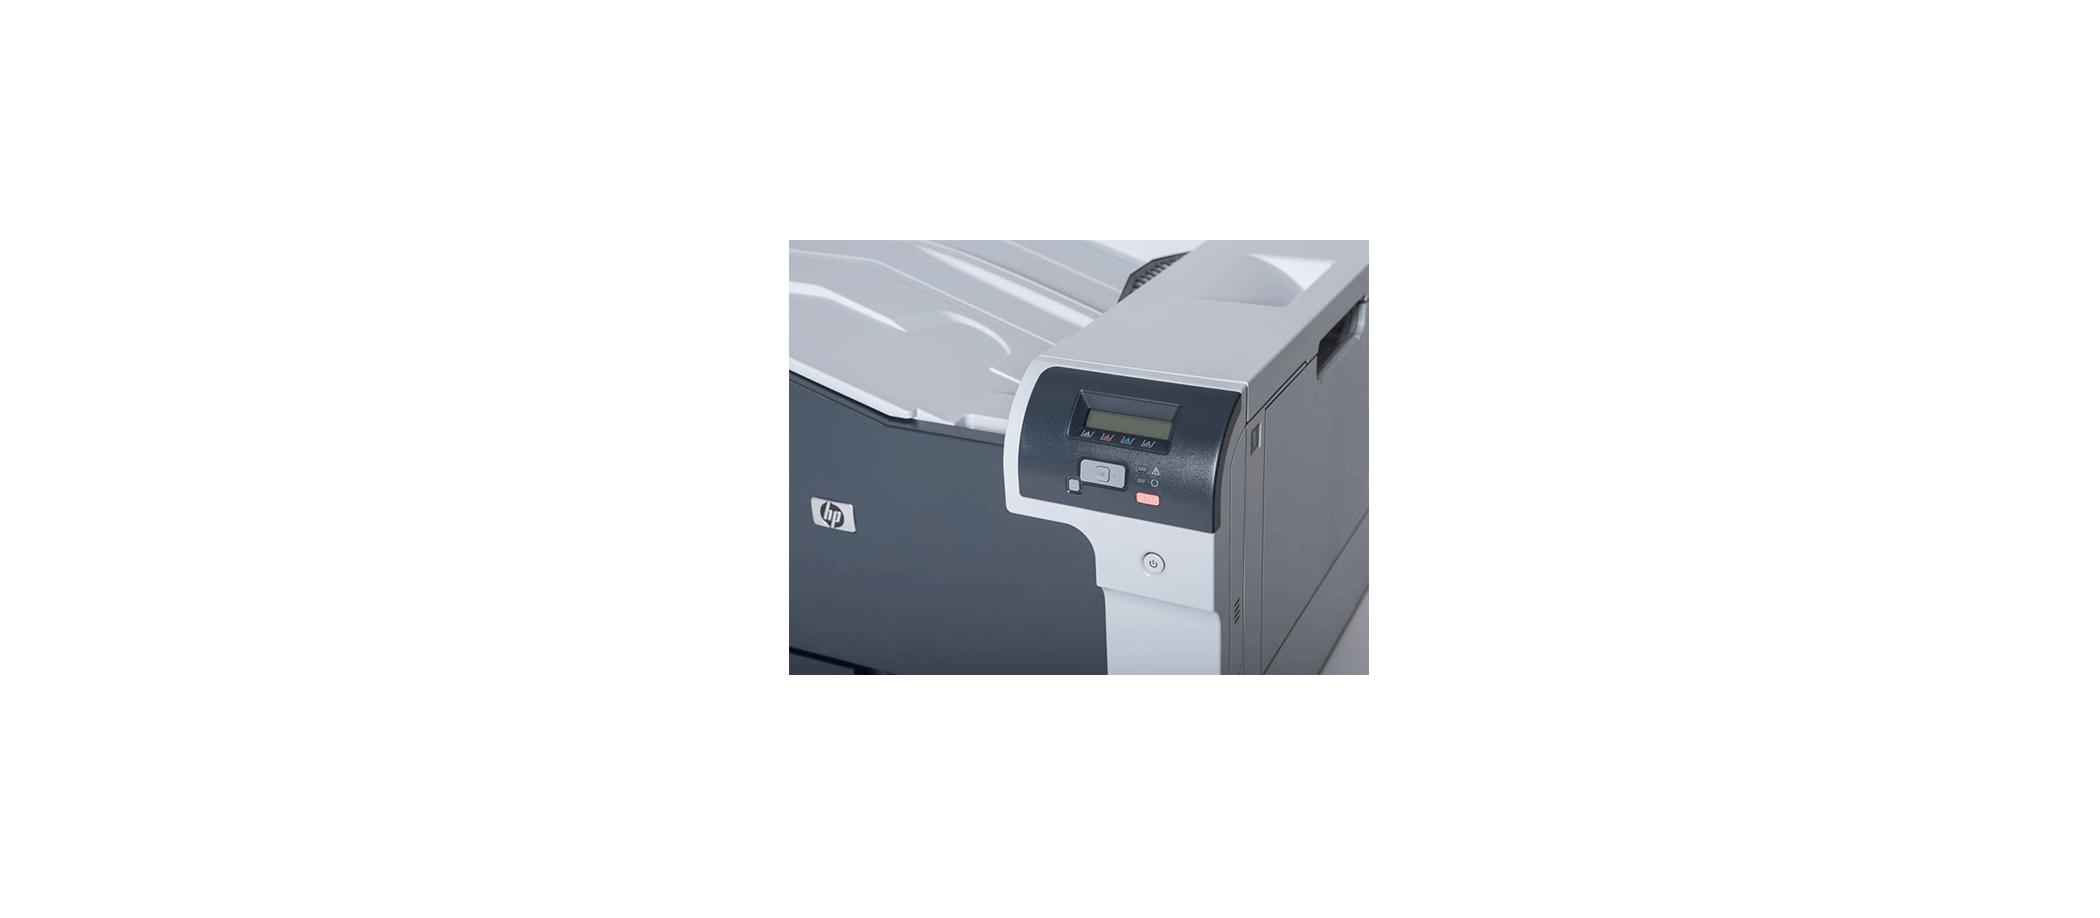 بخش صفحه نمایش پرینتر لیزری hp 5225n